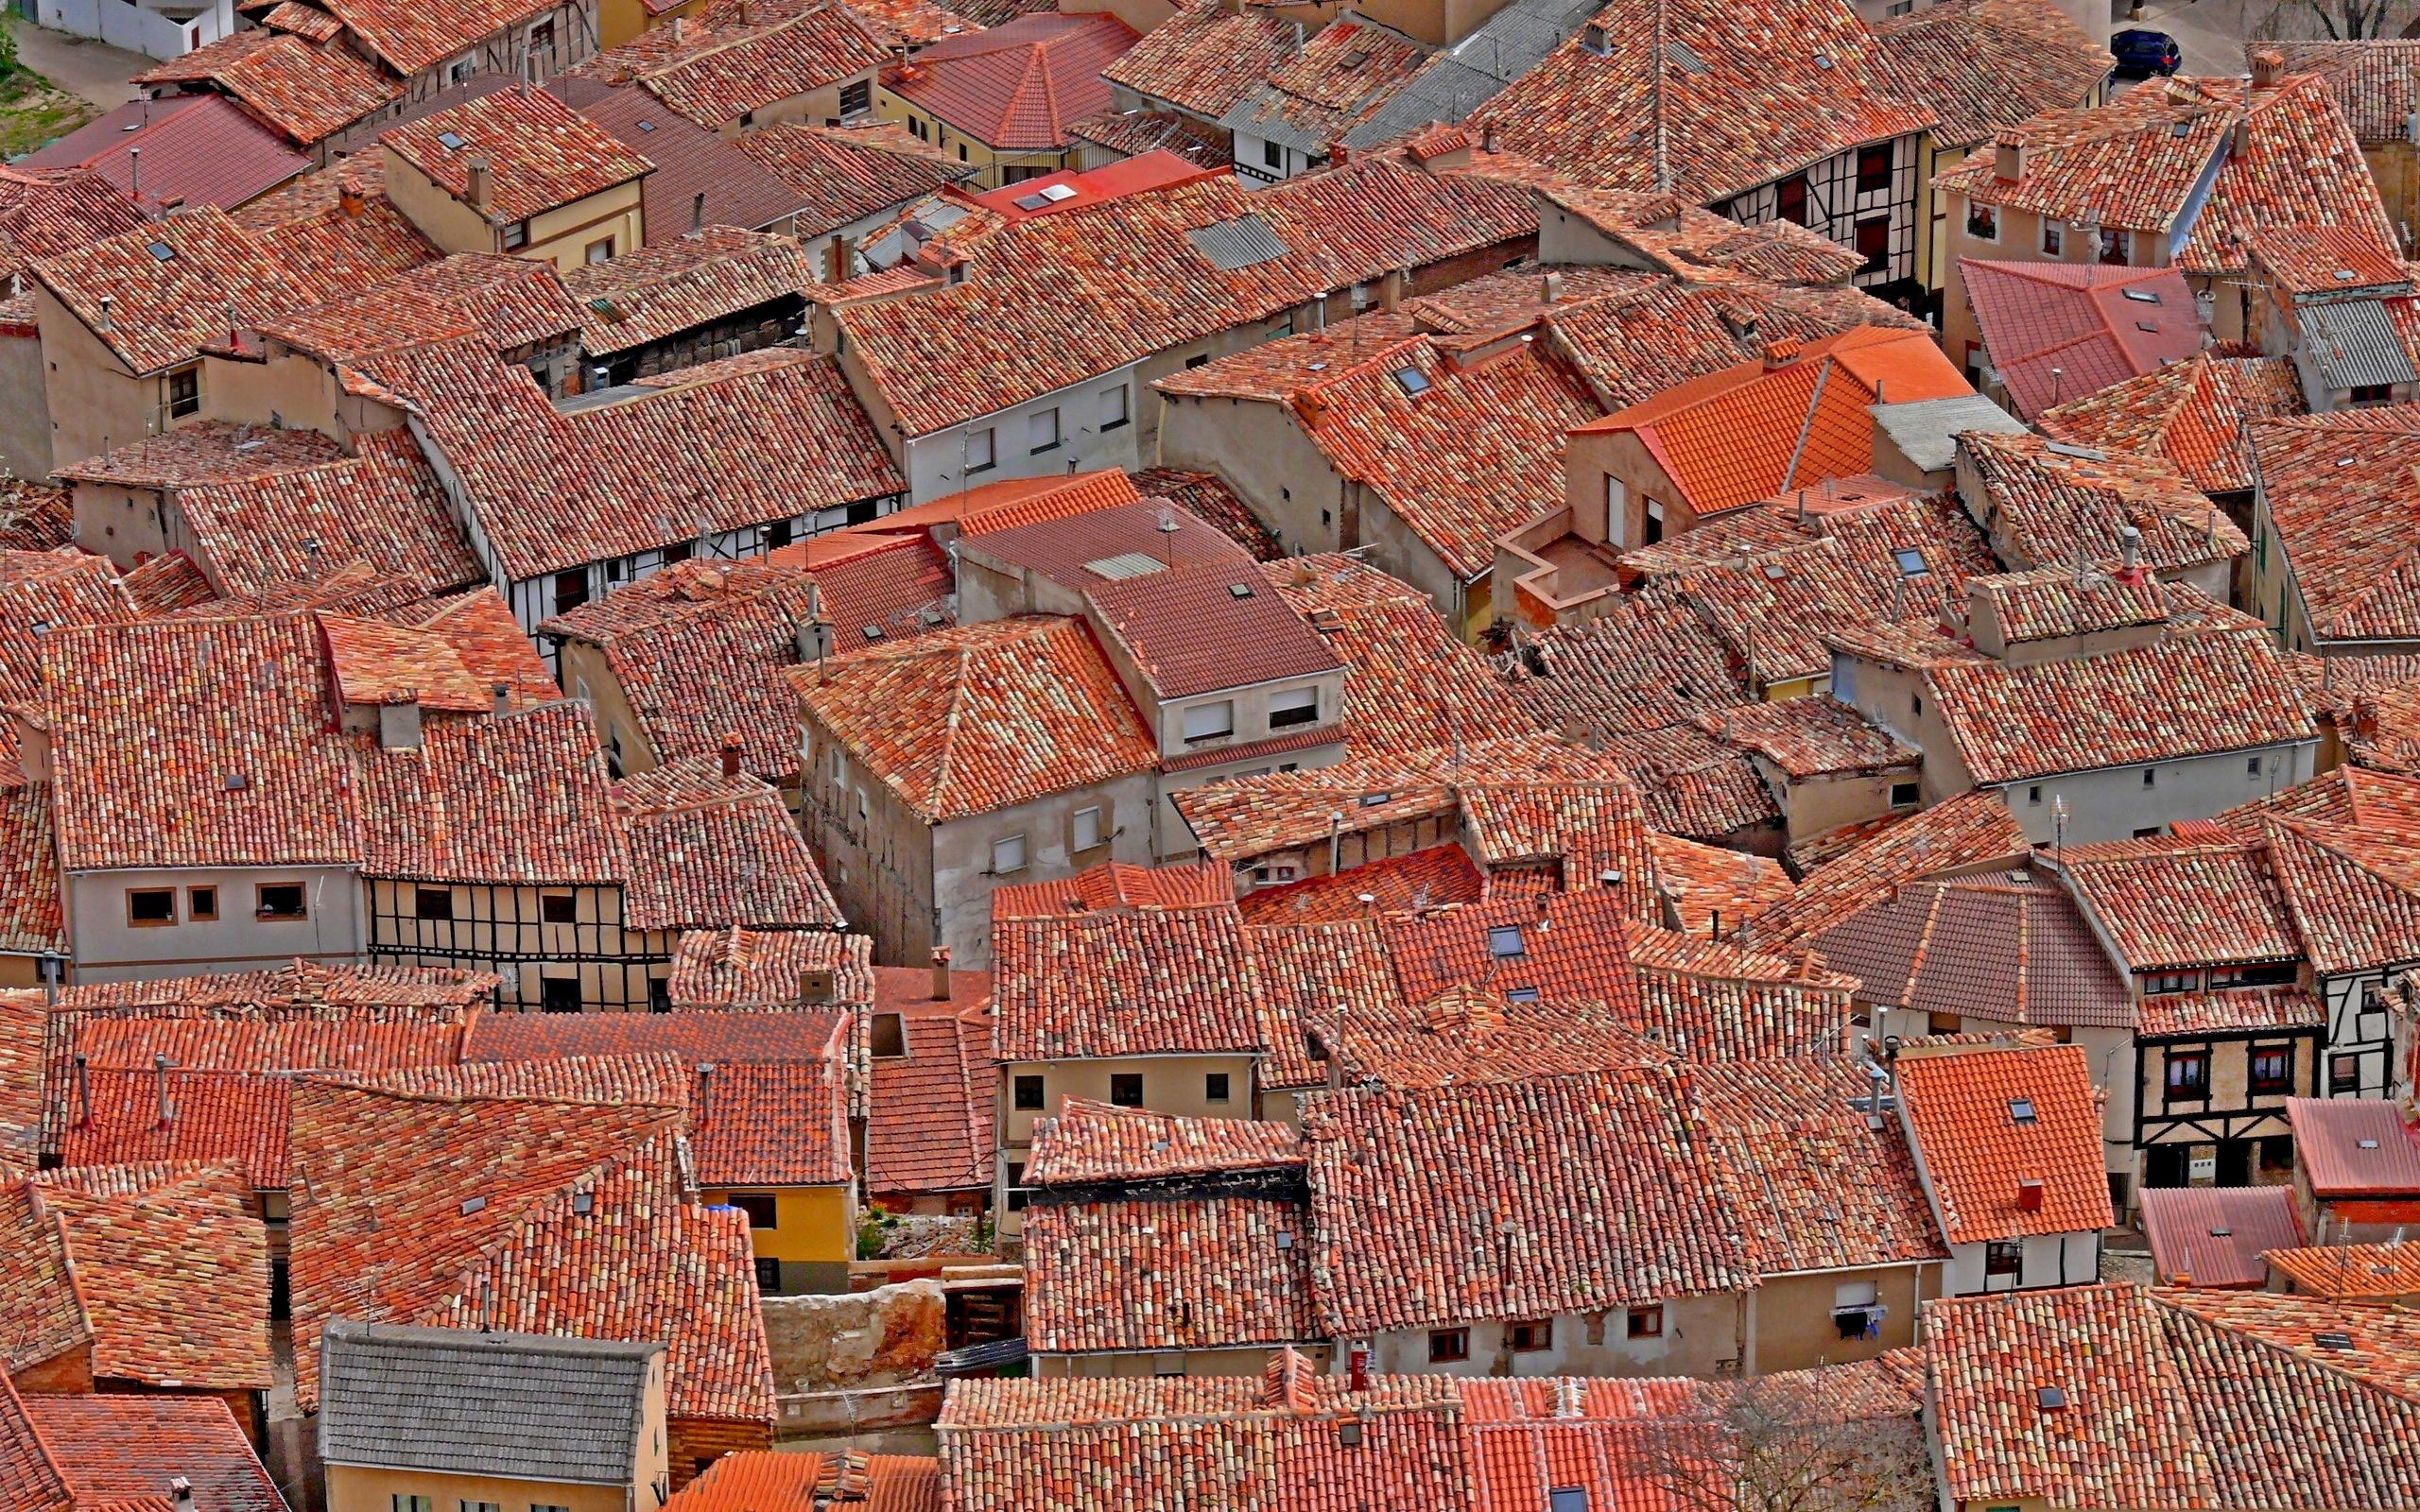 изучения фото на рабочий стол крыши домов ловят